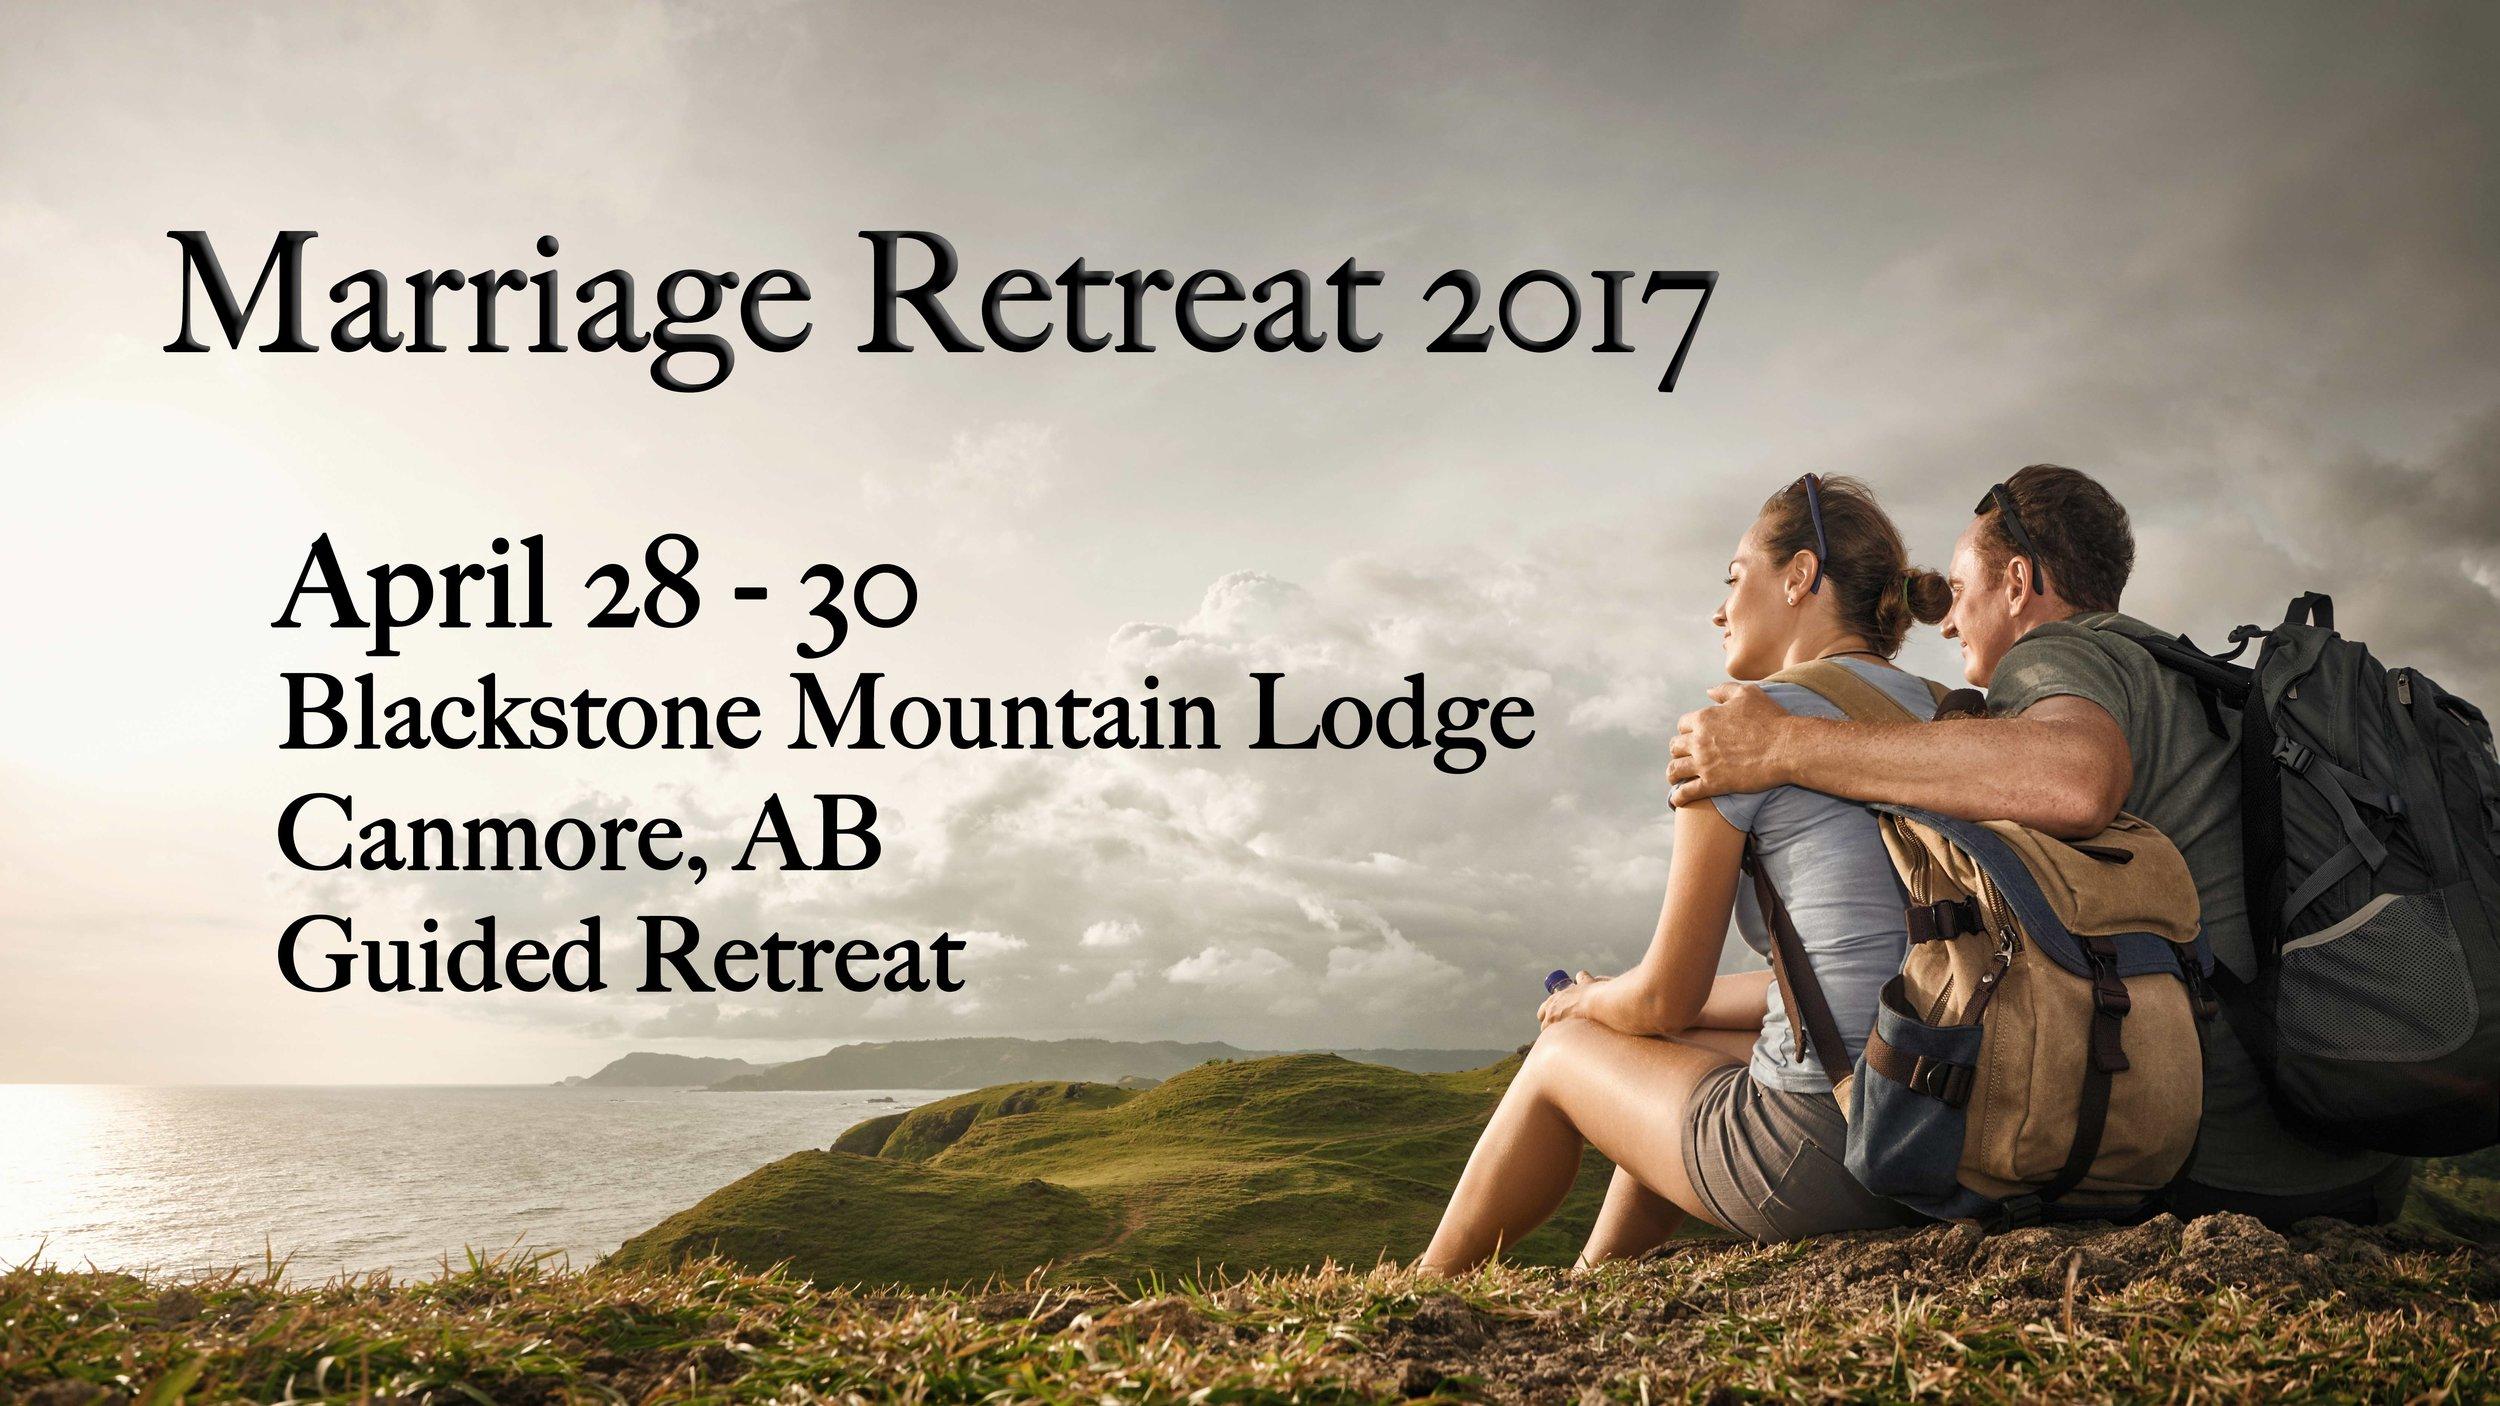 Marriage retreat 2017-16x9-v3 - web.jpg